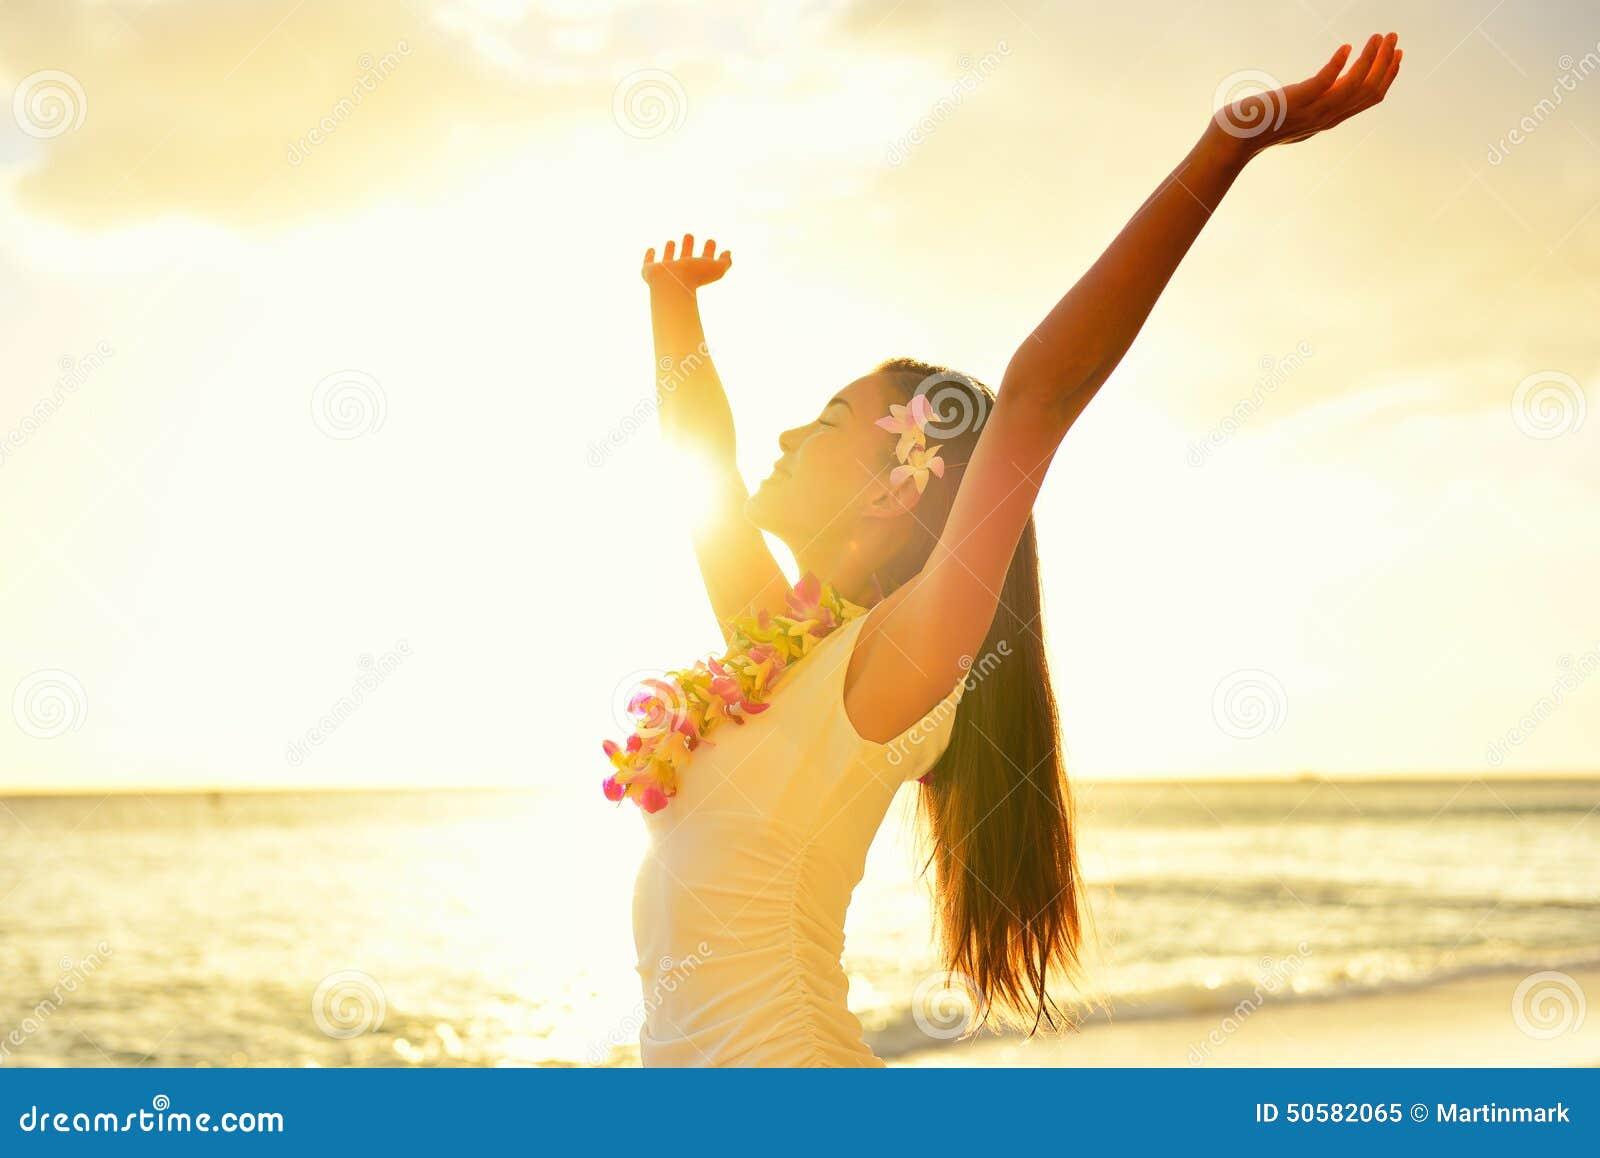 Ευτυχής ξένοιαστη γυναίκα ελεύθερη στο ηλιοβασίλεμα παραλιών της Χαβάης